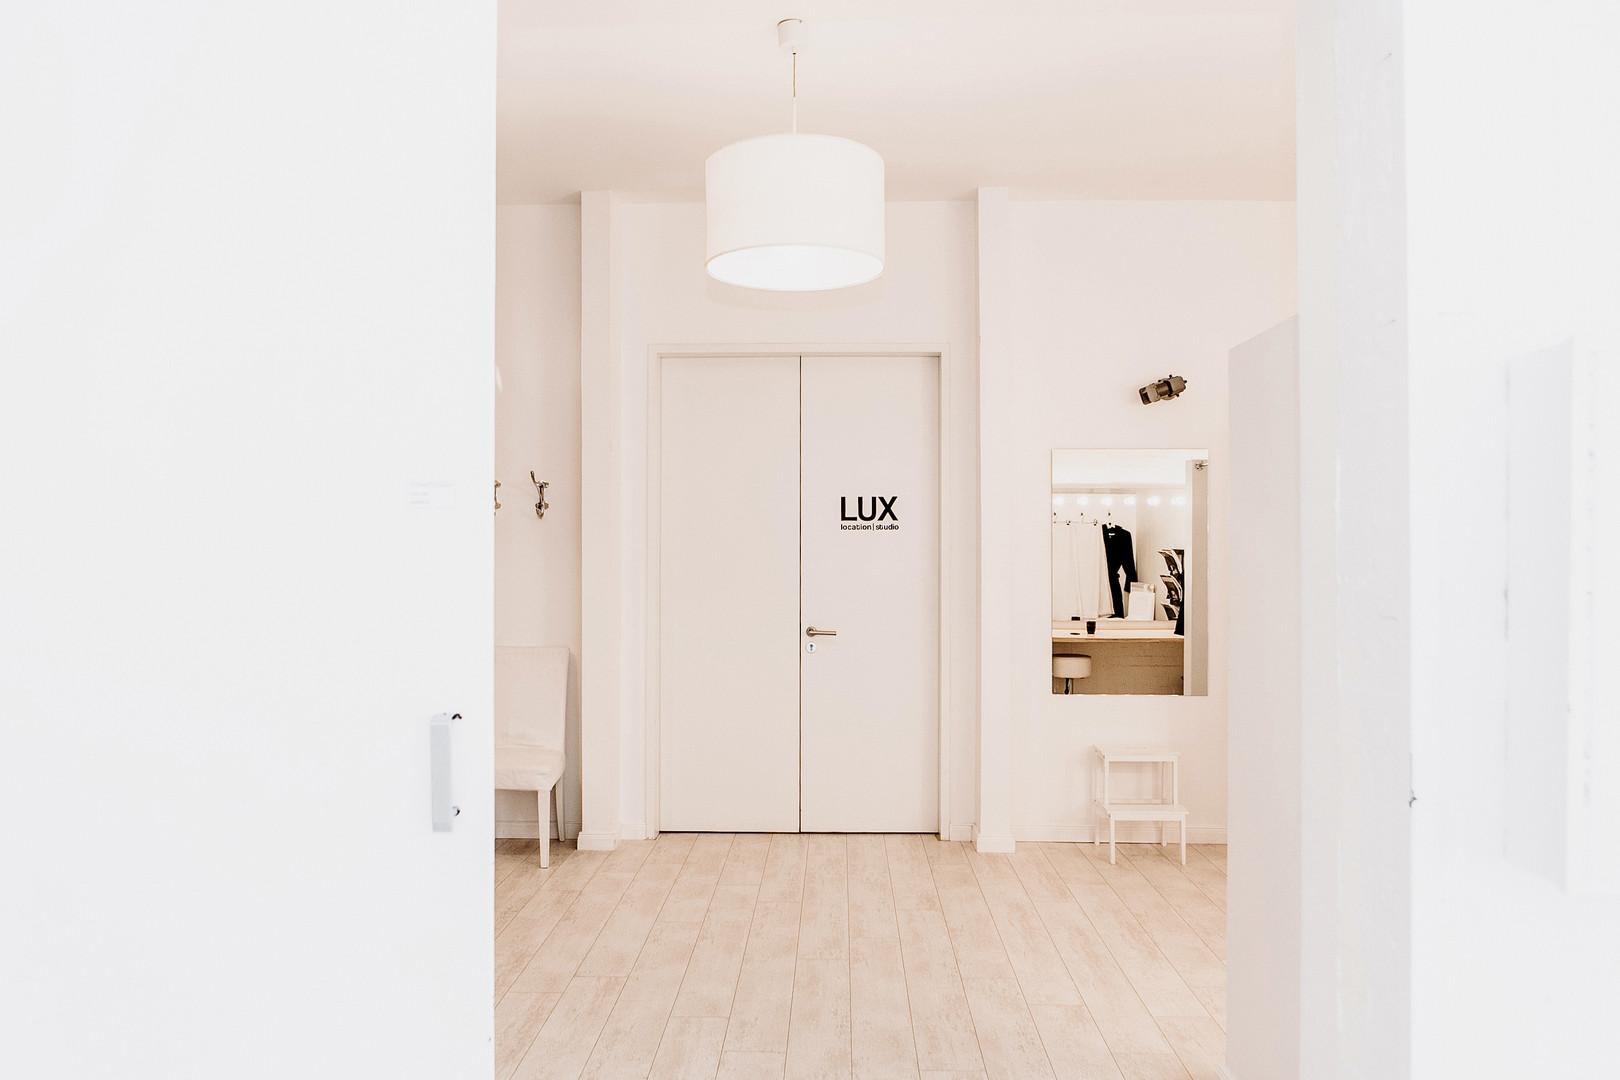 LUX location Maske